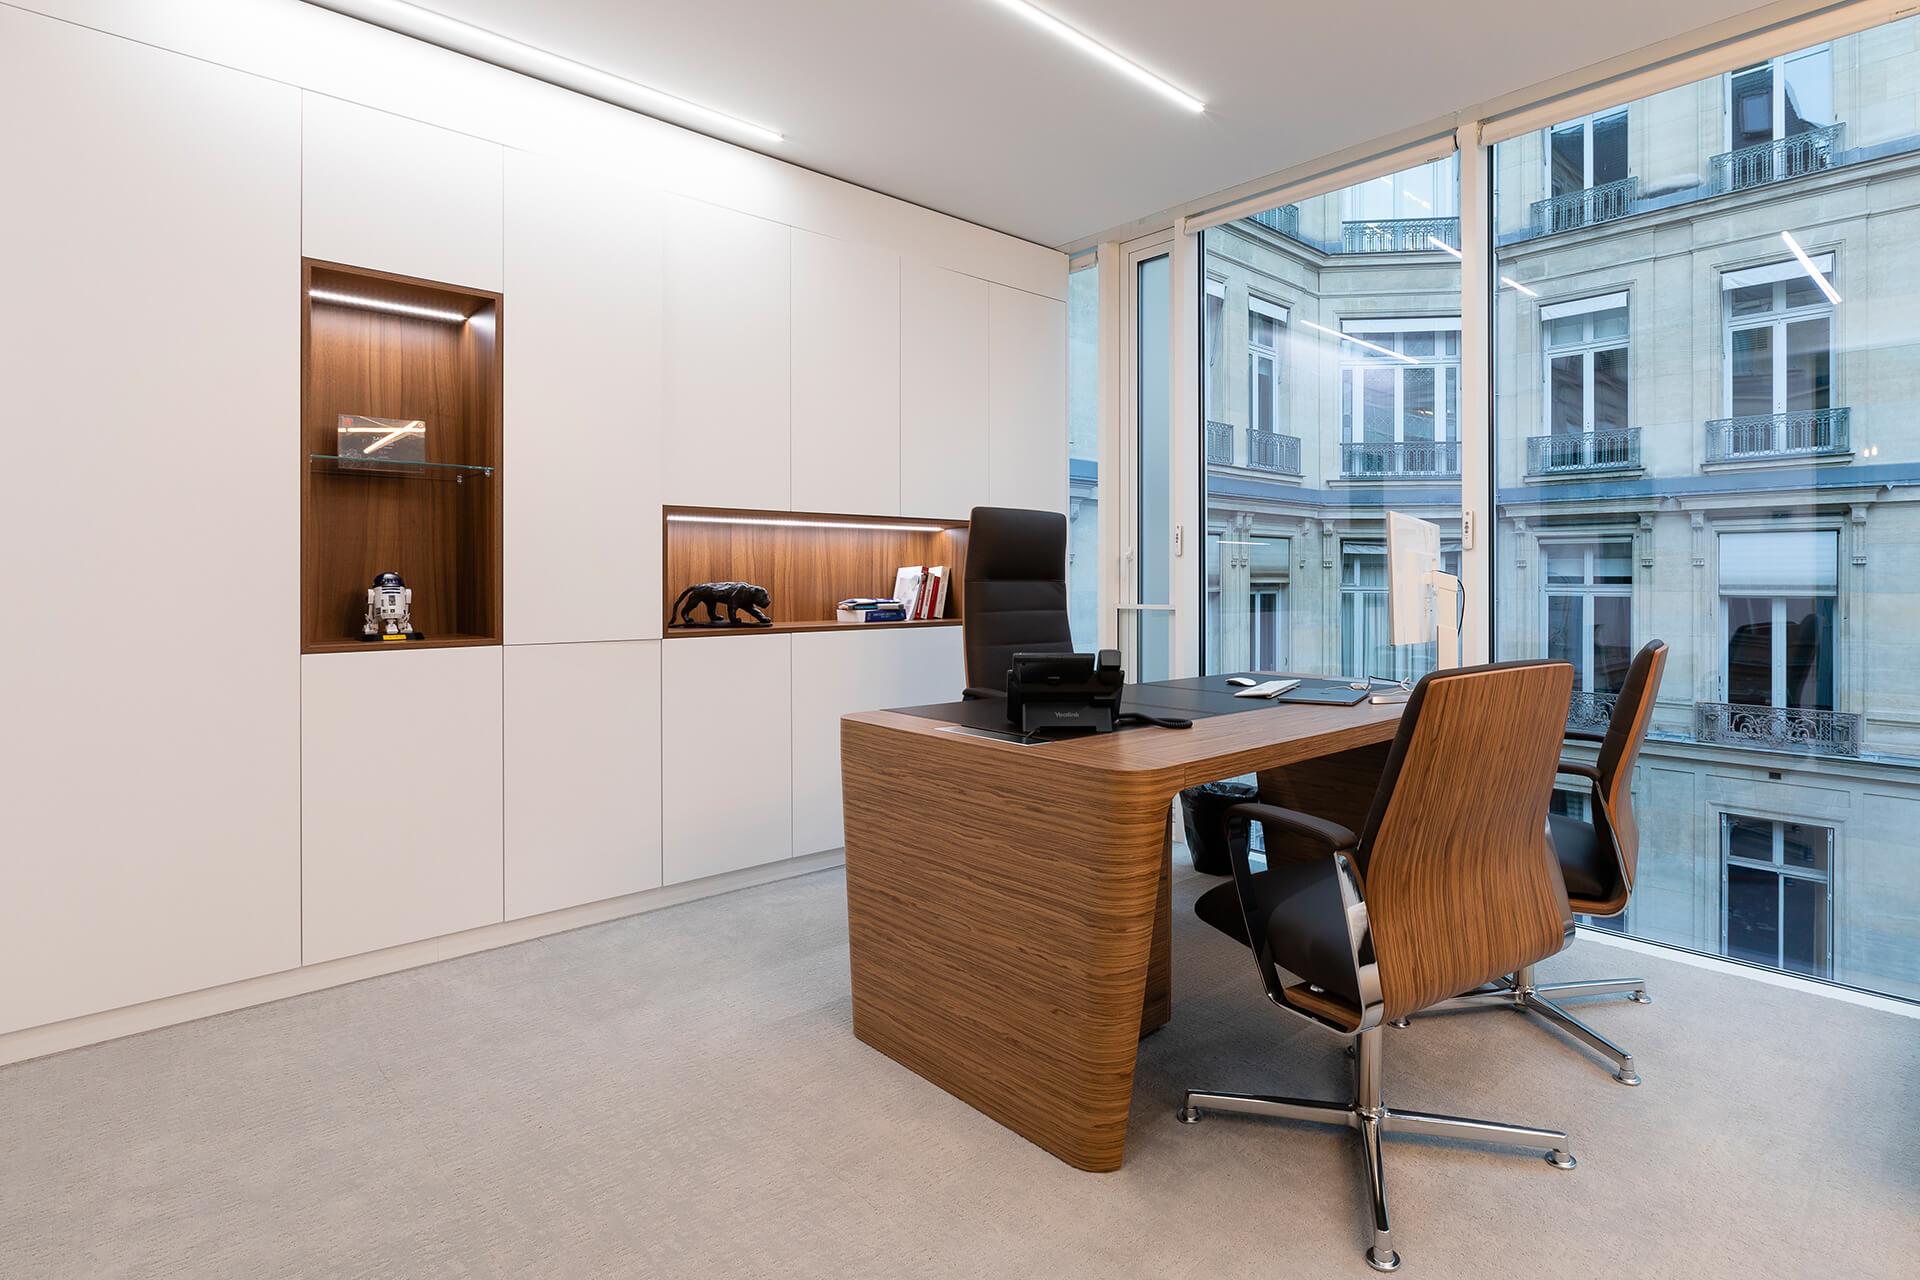 escritório com mesa, cadeiras e estantes em madeira premium